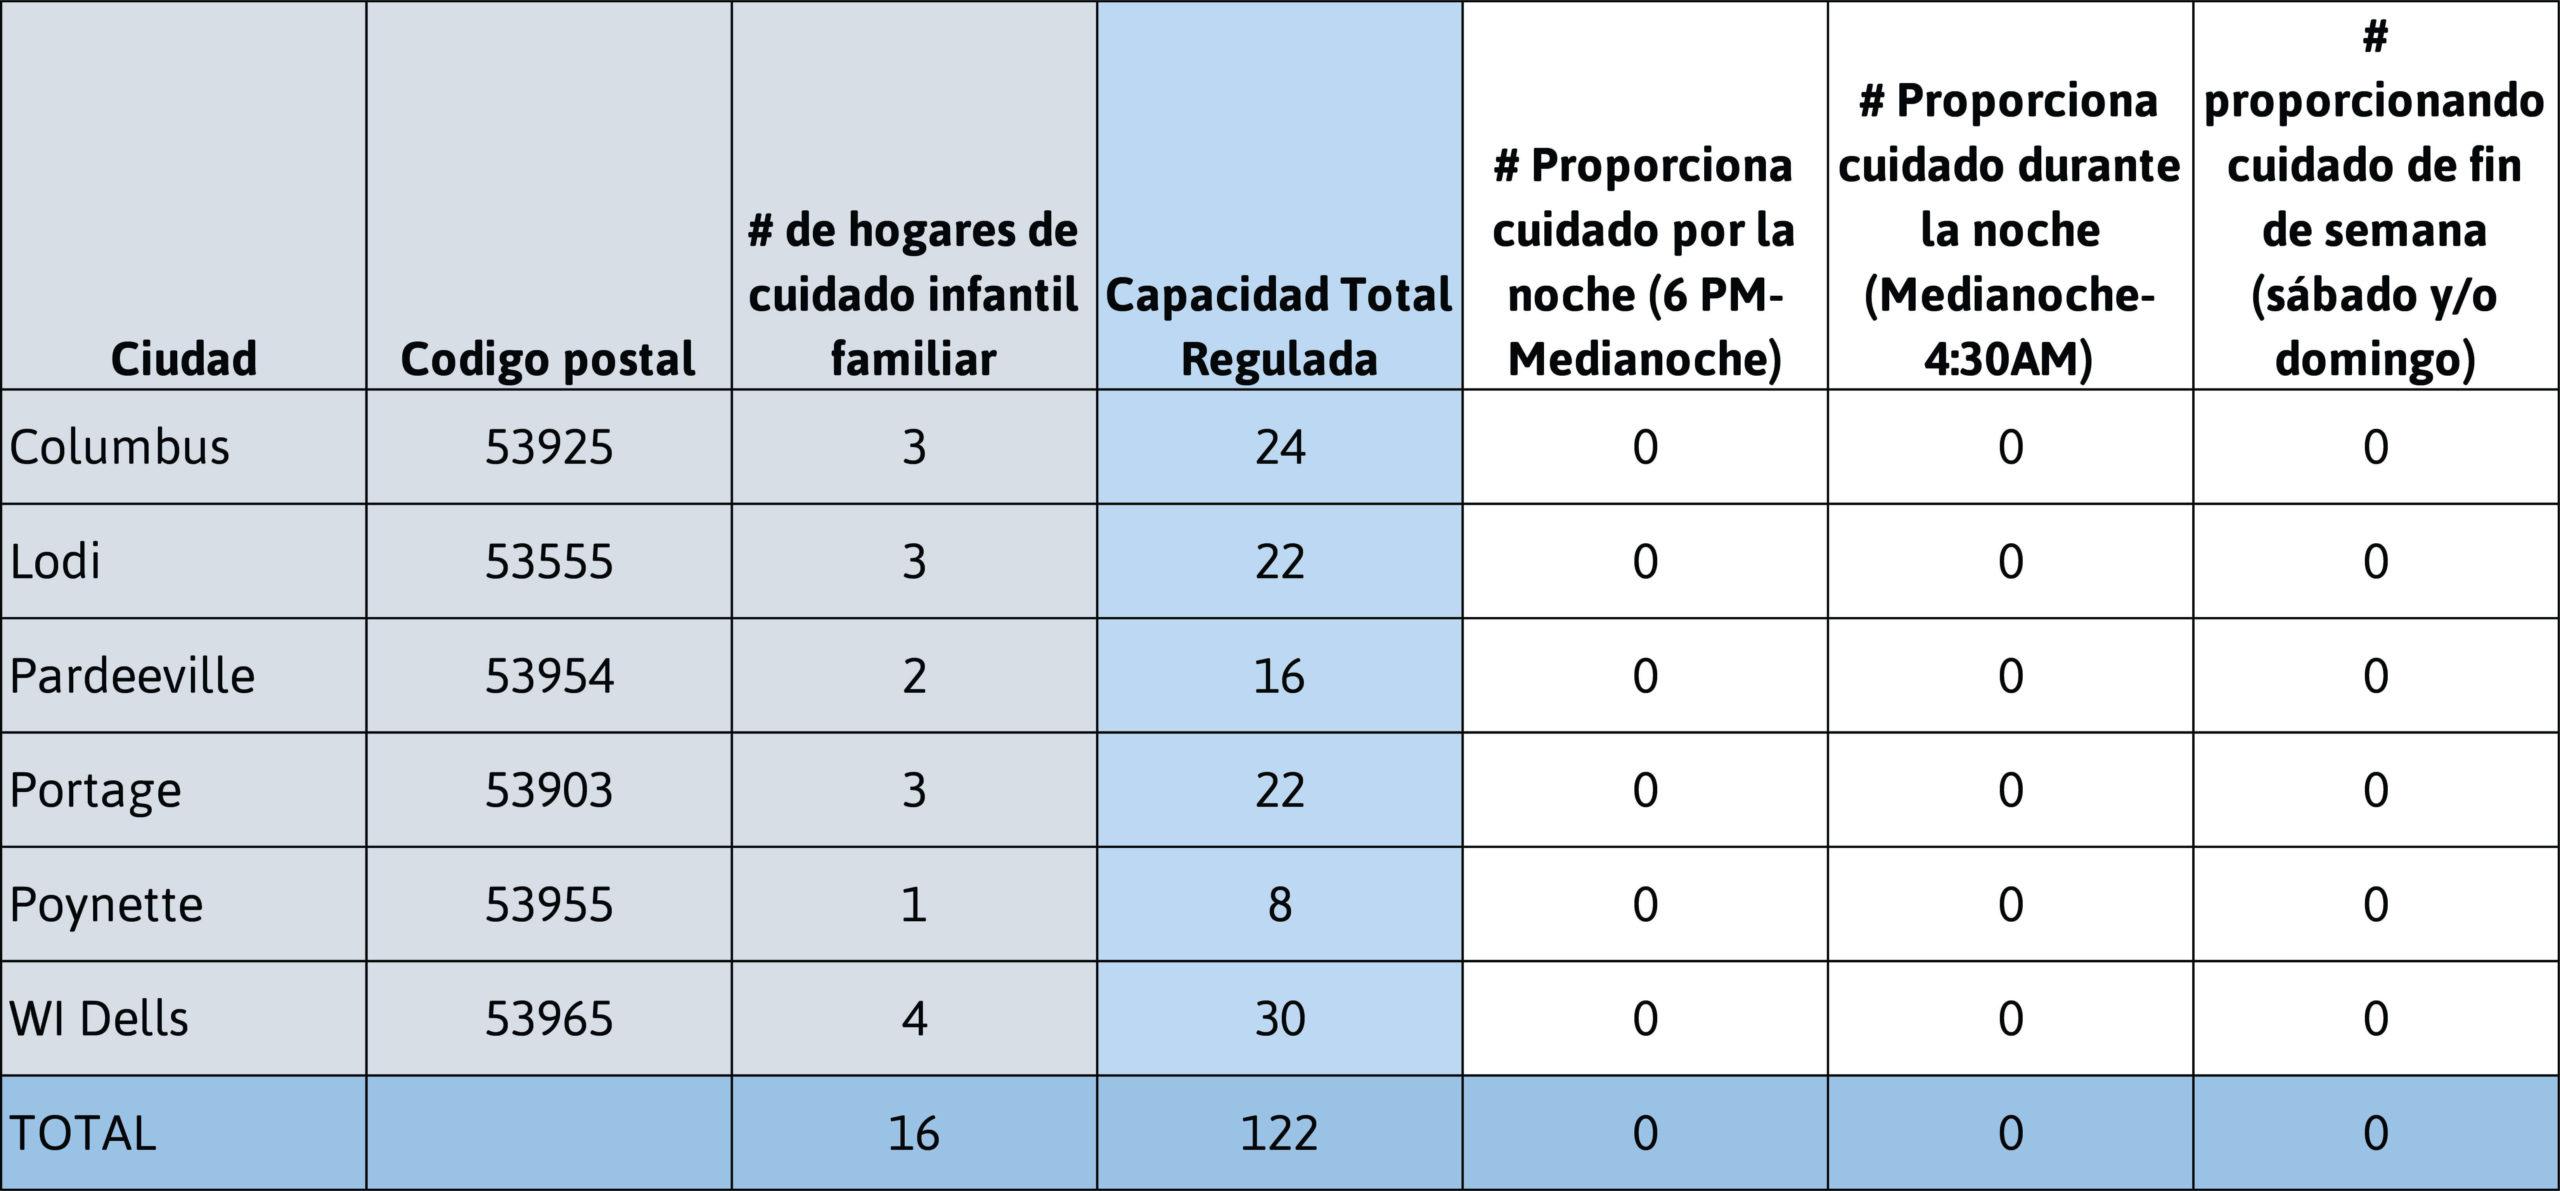 Datos demográficos de los hogares de cuidado infantil familiar del condado de Columbia